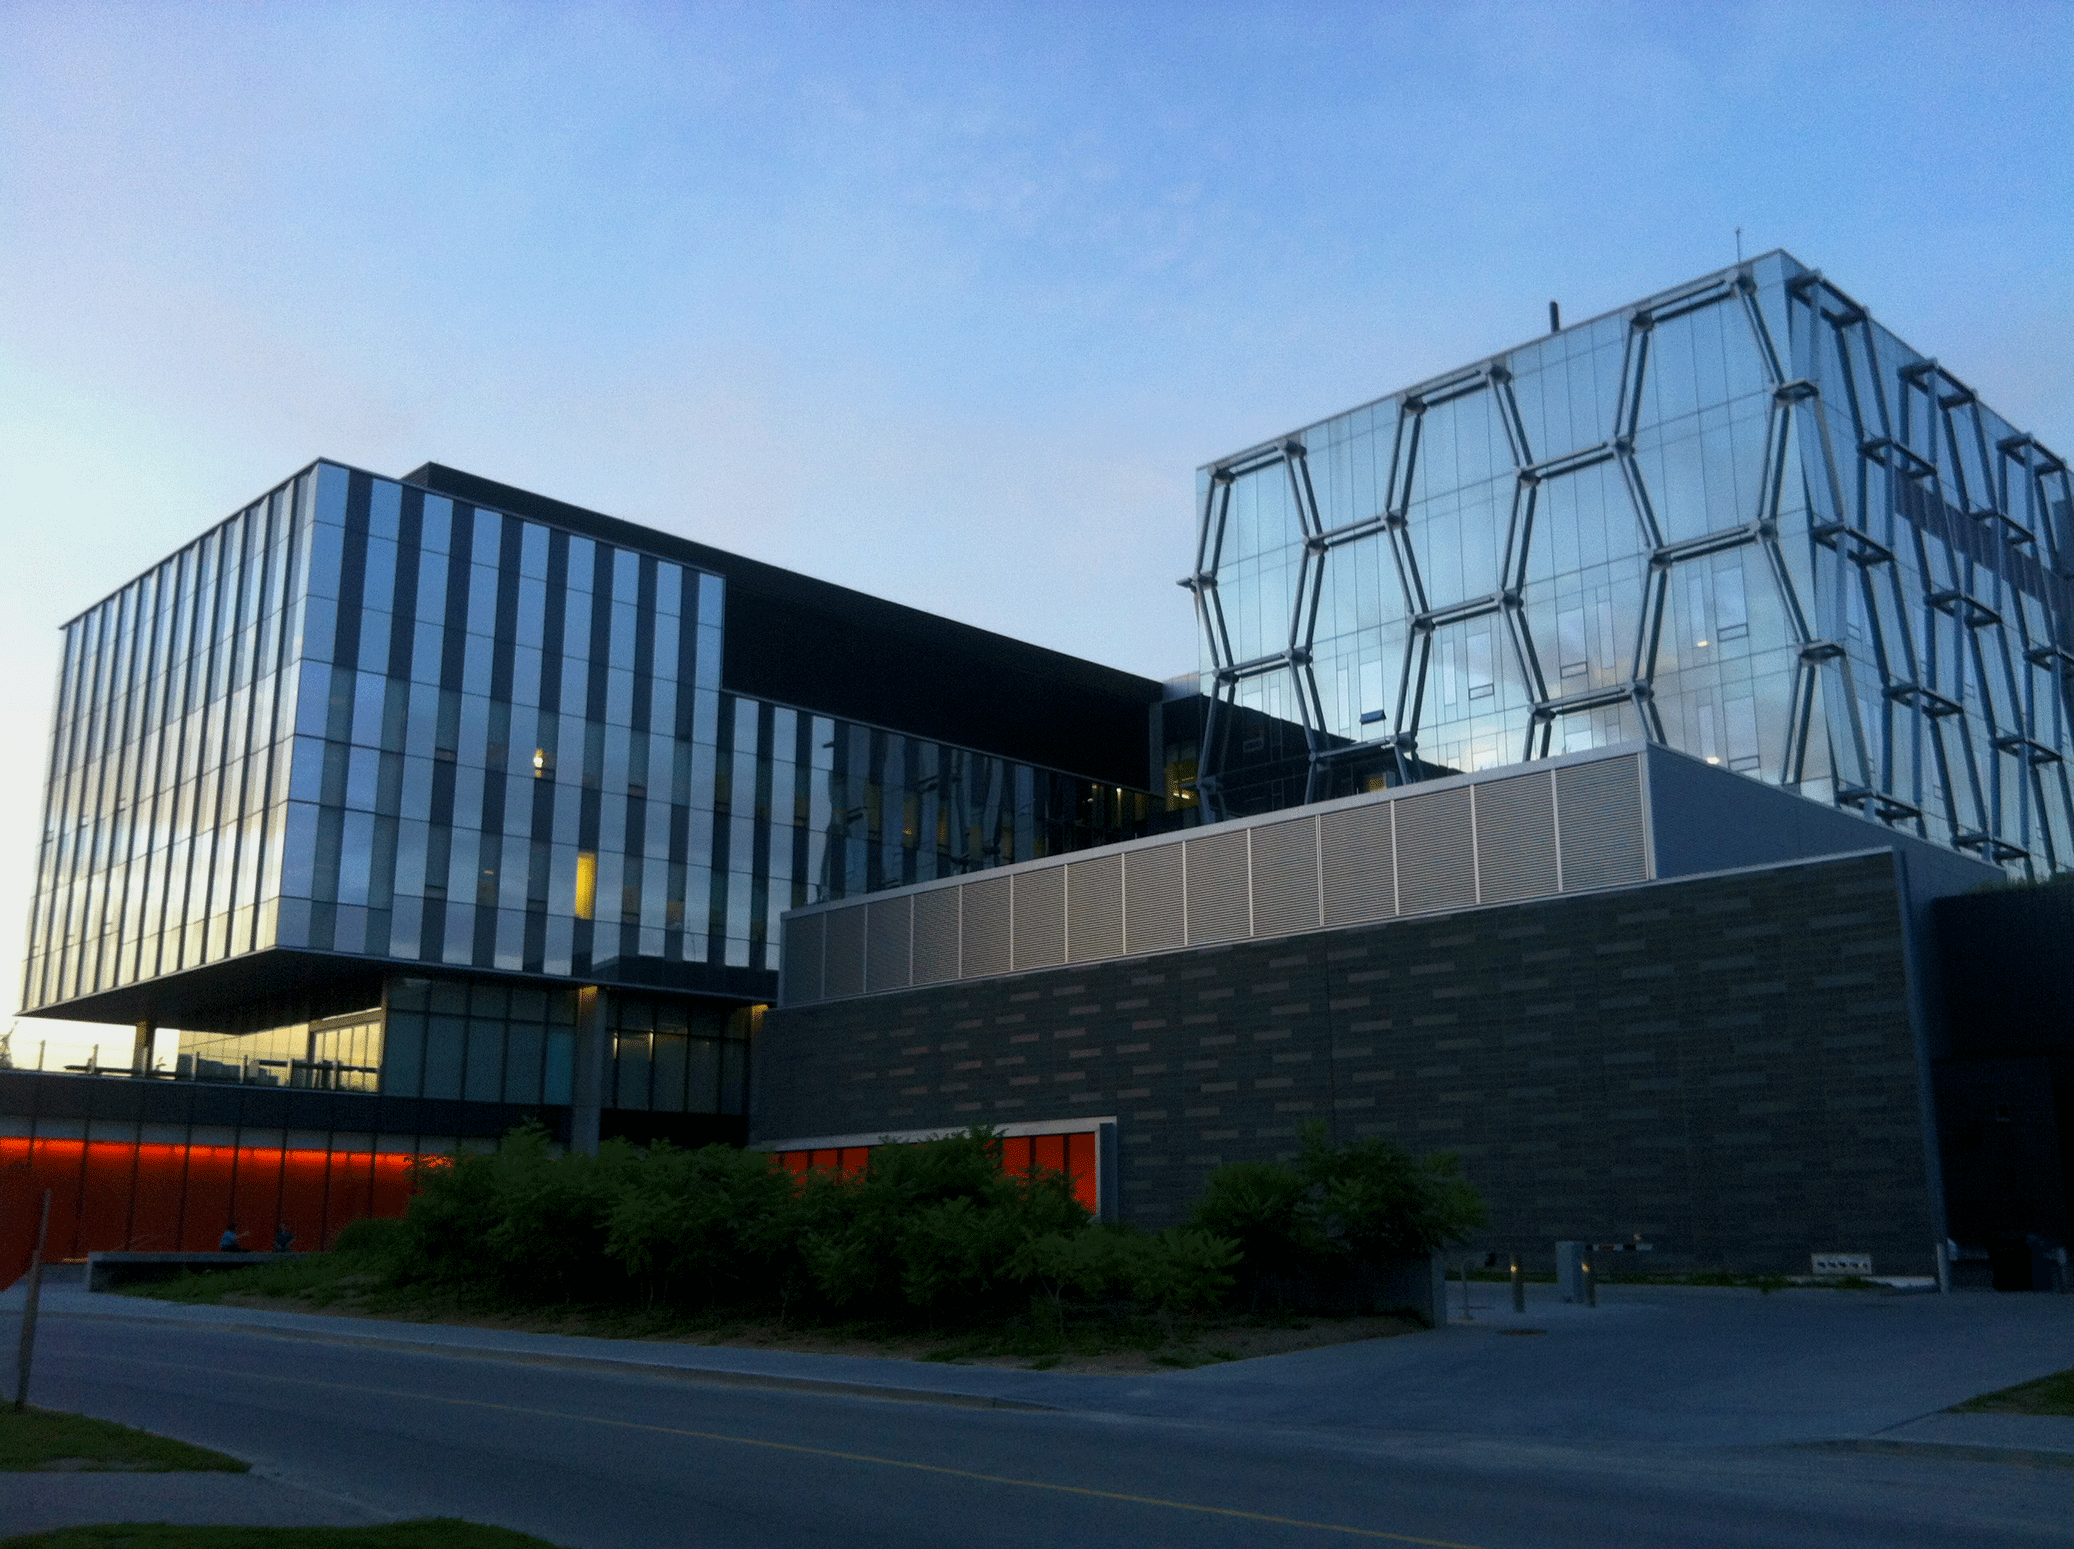 Một tòa nhà đã qua phủ nano cho kính giúp cách nhiệt hiệu quả, vệ sinh dễ dàng